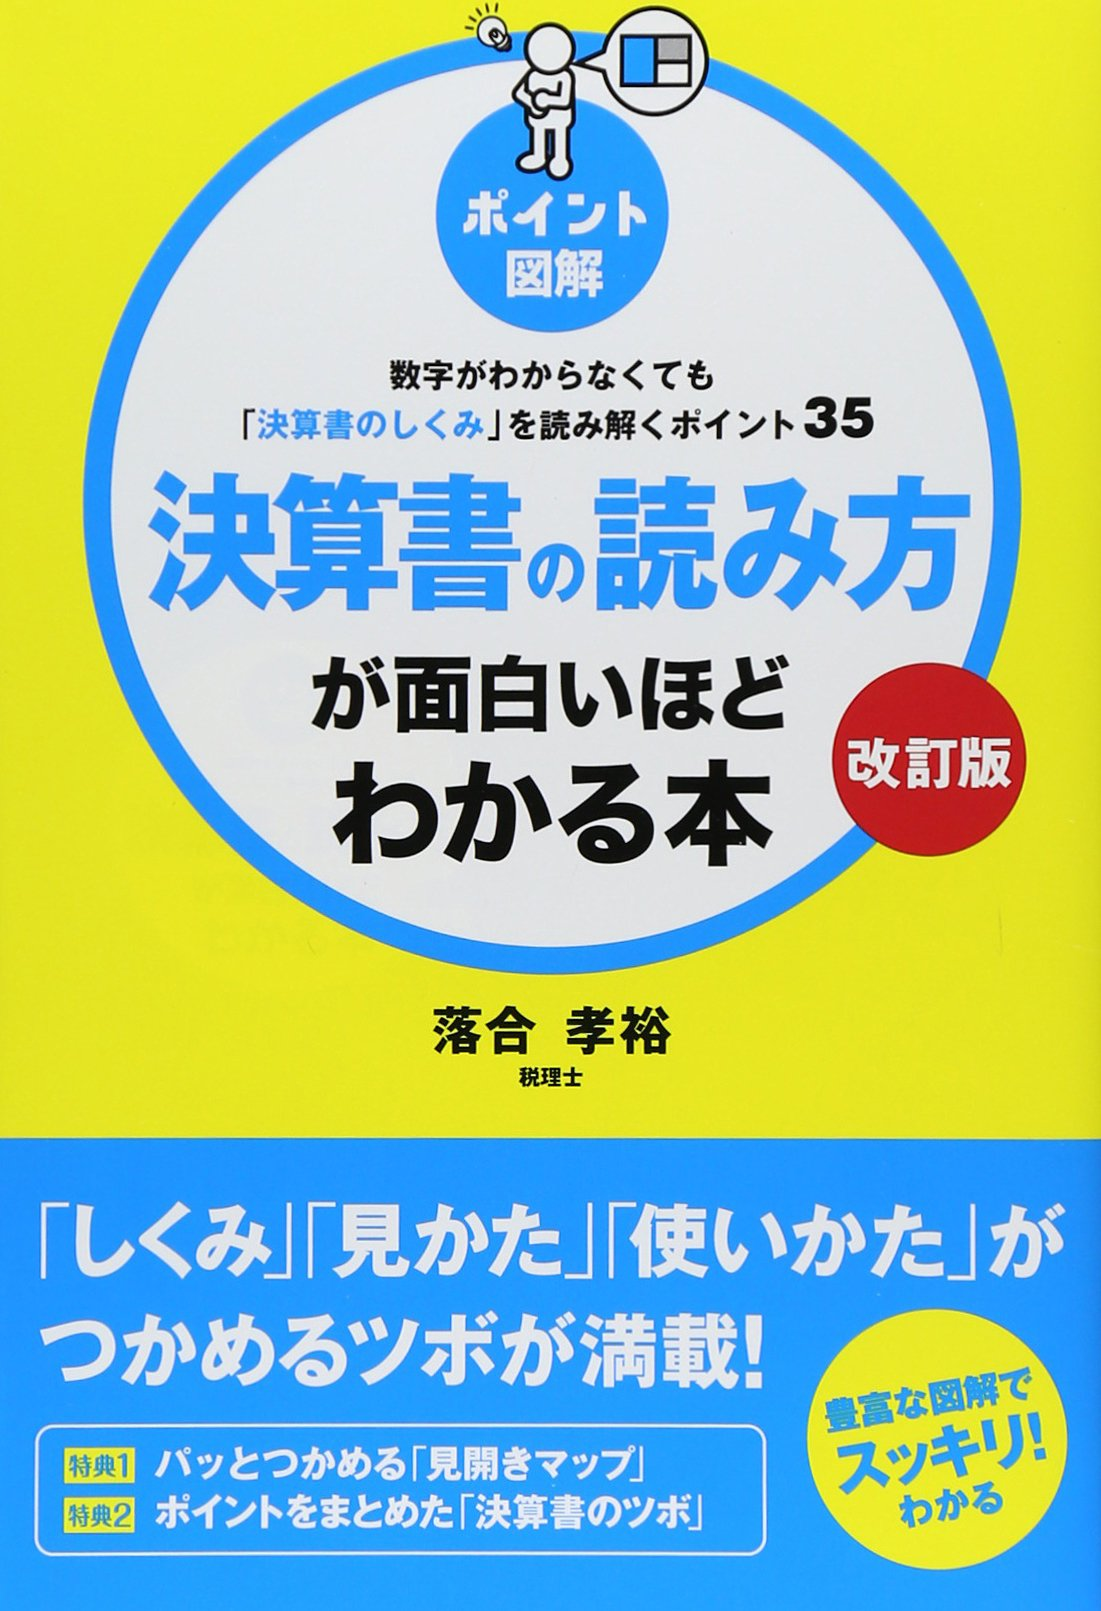 本_【改訂版】(ポイント図解)決算書の読み方が面白いほどわかる本